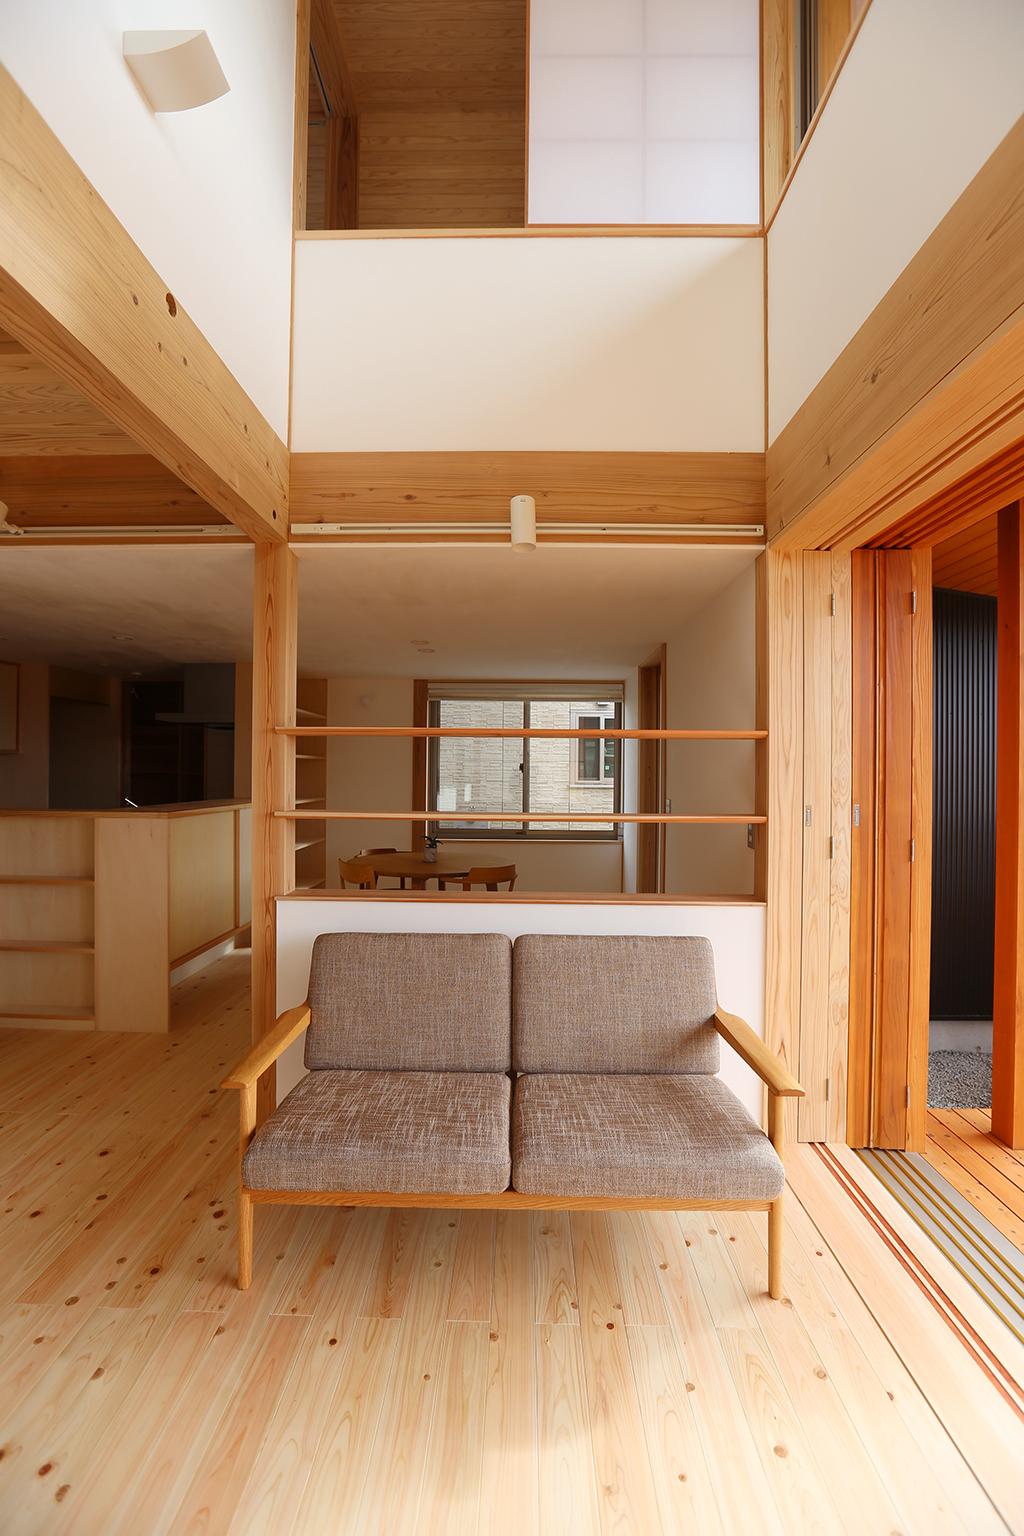 姫路市の木の家 吹き抜けのある開放的なリビング